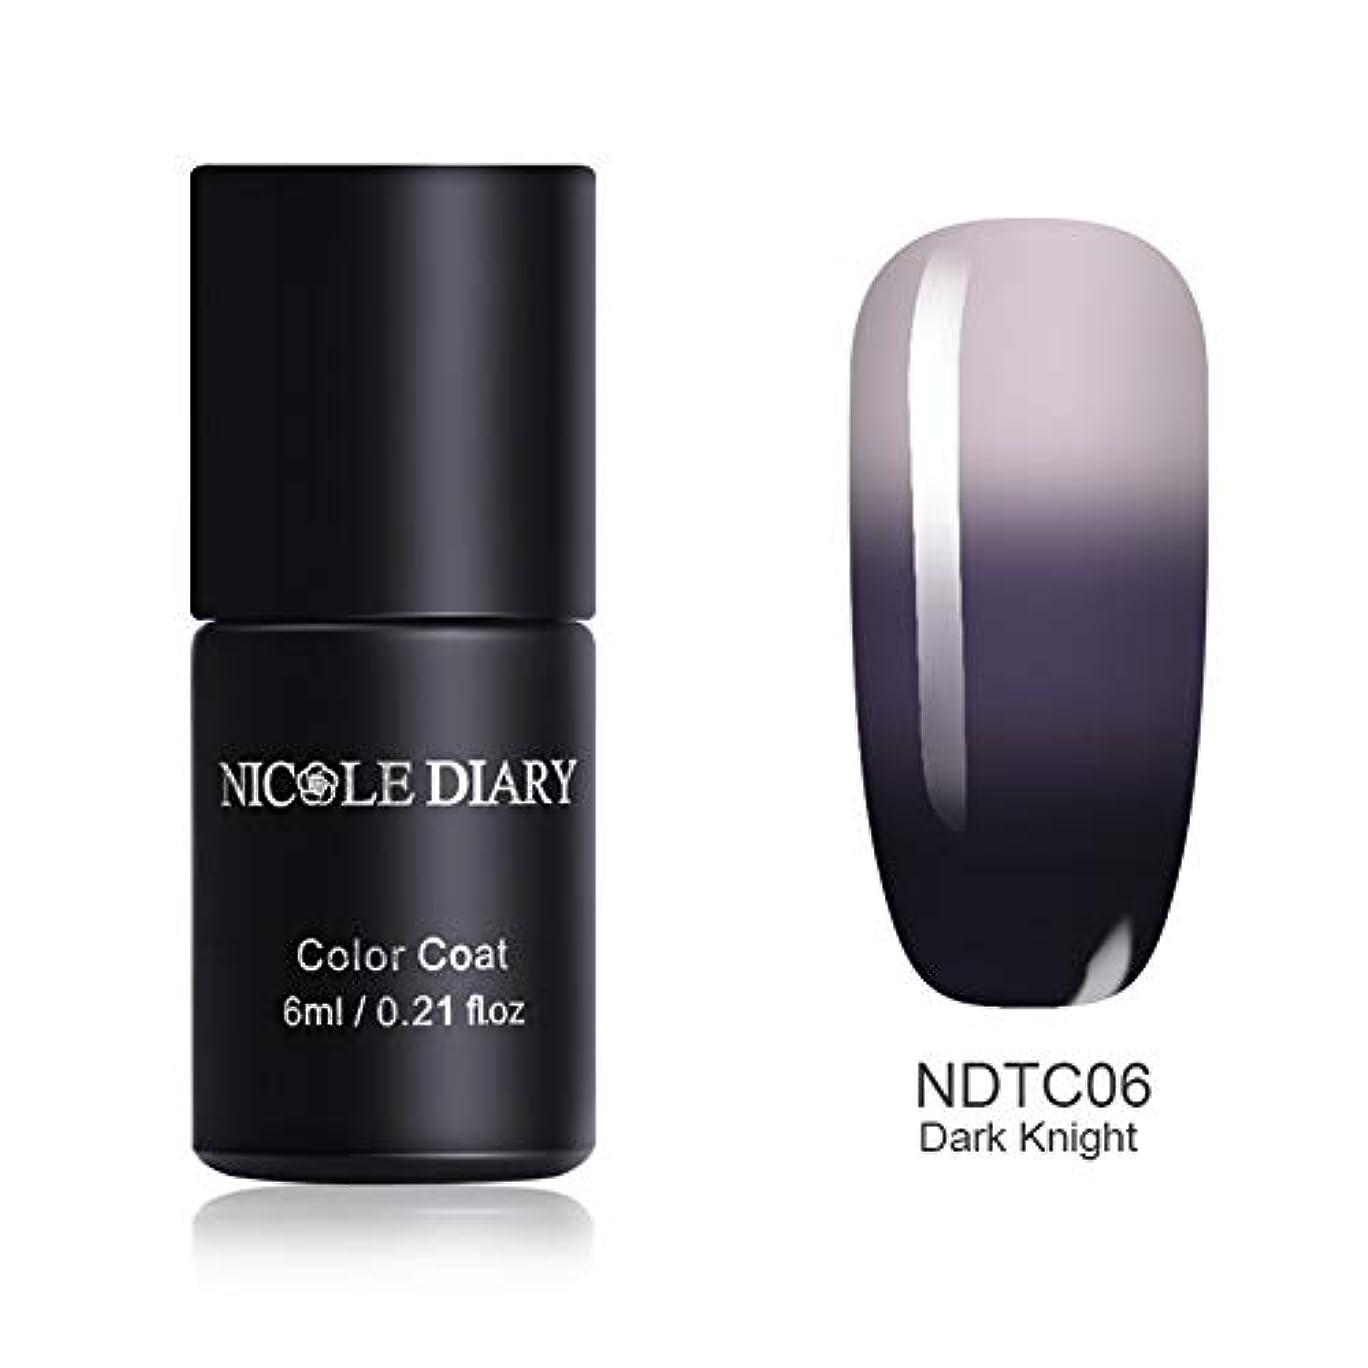 じゃがいもおなじみの創傷NICOLE DIARY 温度によって色が変わるジェル 3段階の色に変化 カメレオンジェル 6ml UV/LED対応 6色 マジックカラージェル ジェルネイル NDTC06 Dark Knight [並行輸入品]